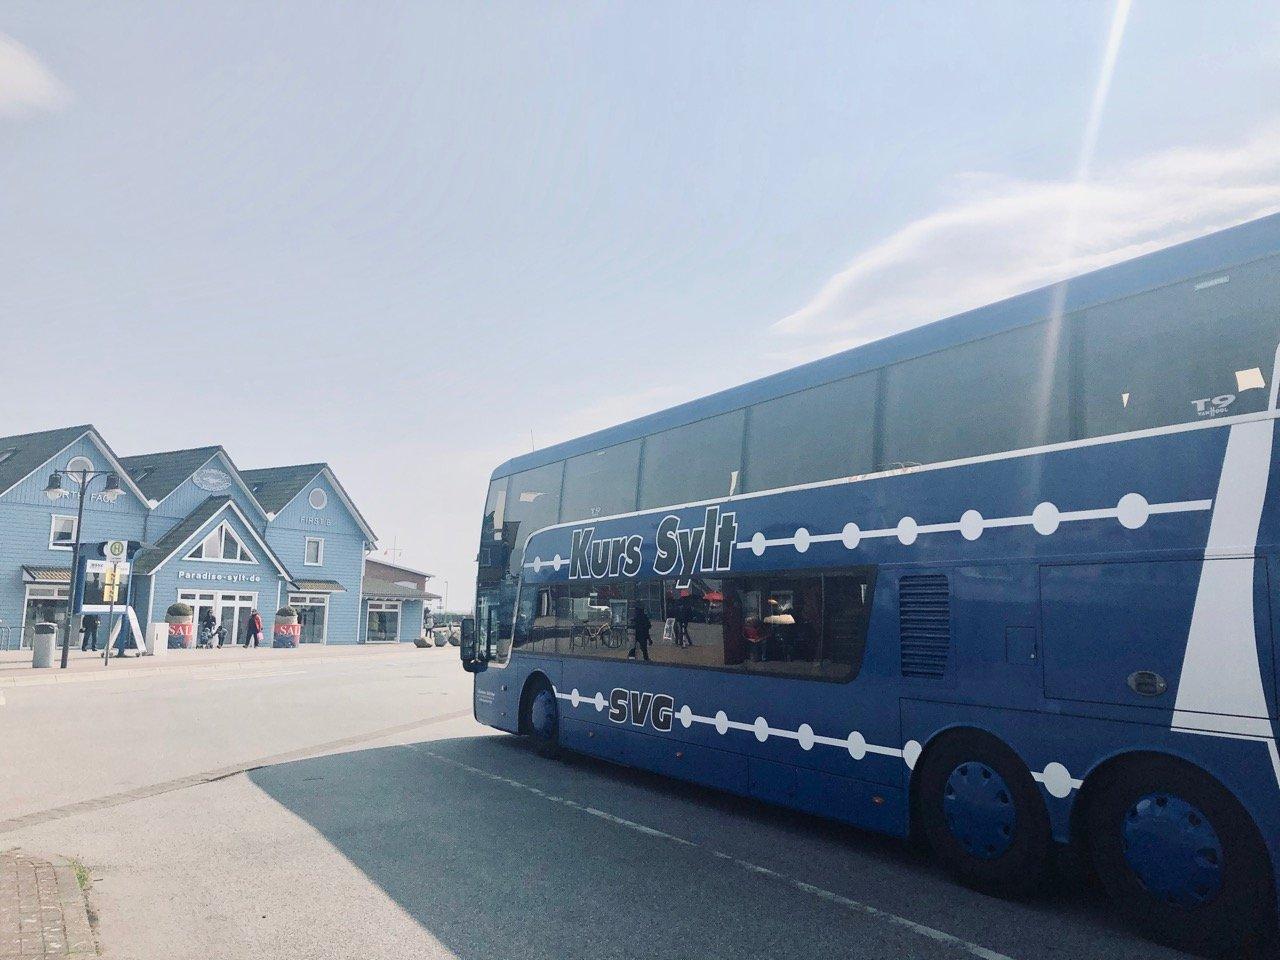 Busstop auf der großen Inselrundfahrt am Hafen List auf Sylt